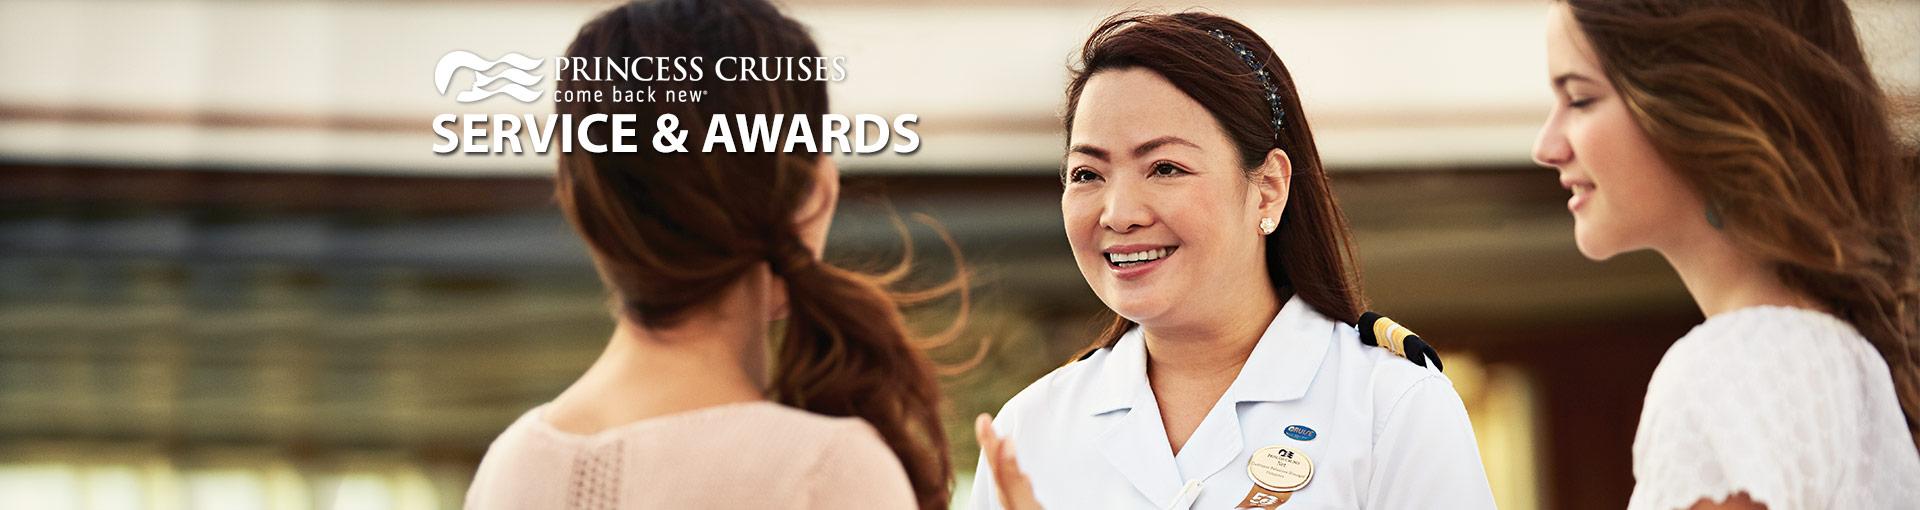 Princess Cruises Service & Awards